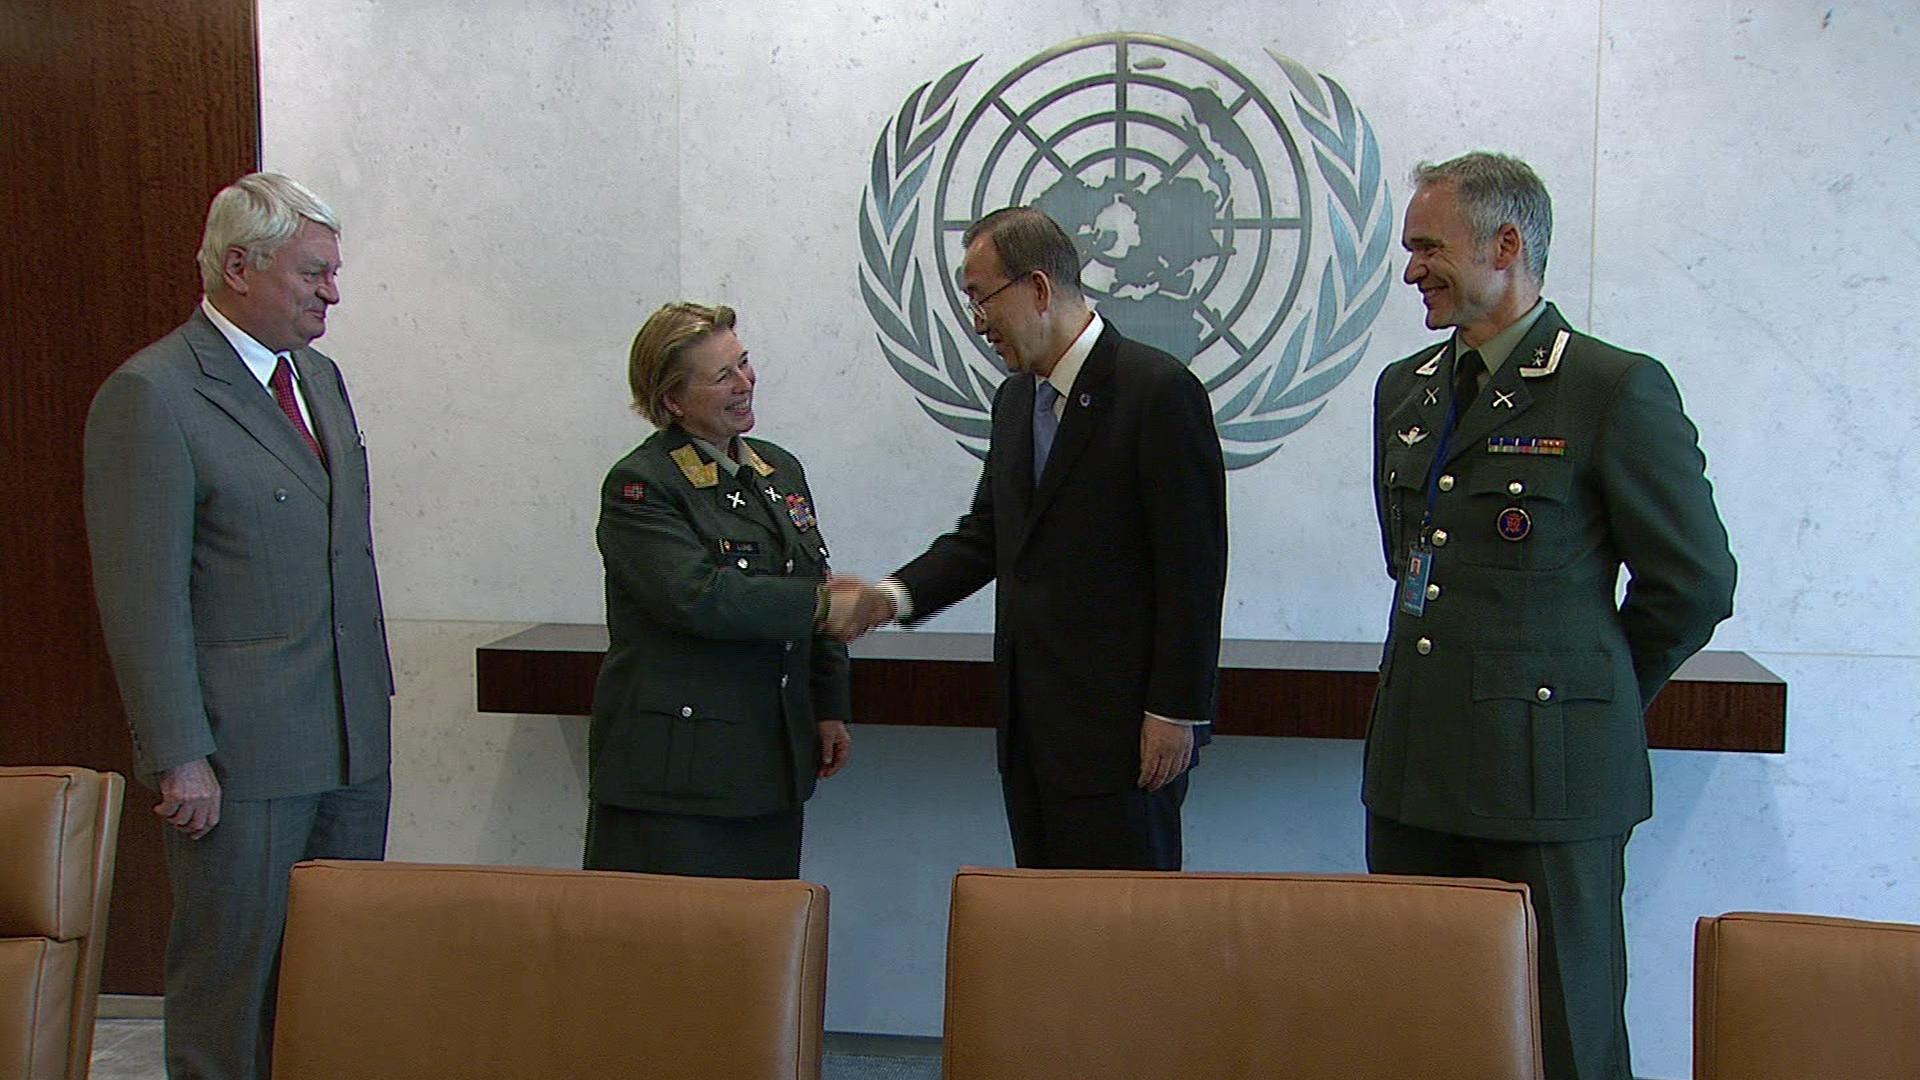 UN  FEMALE FORCE COMMANDER